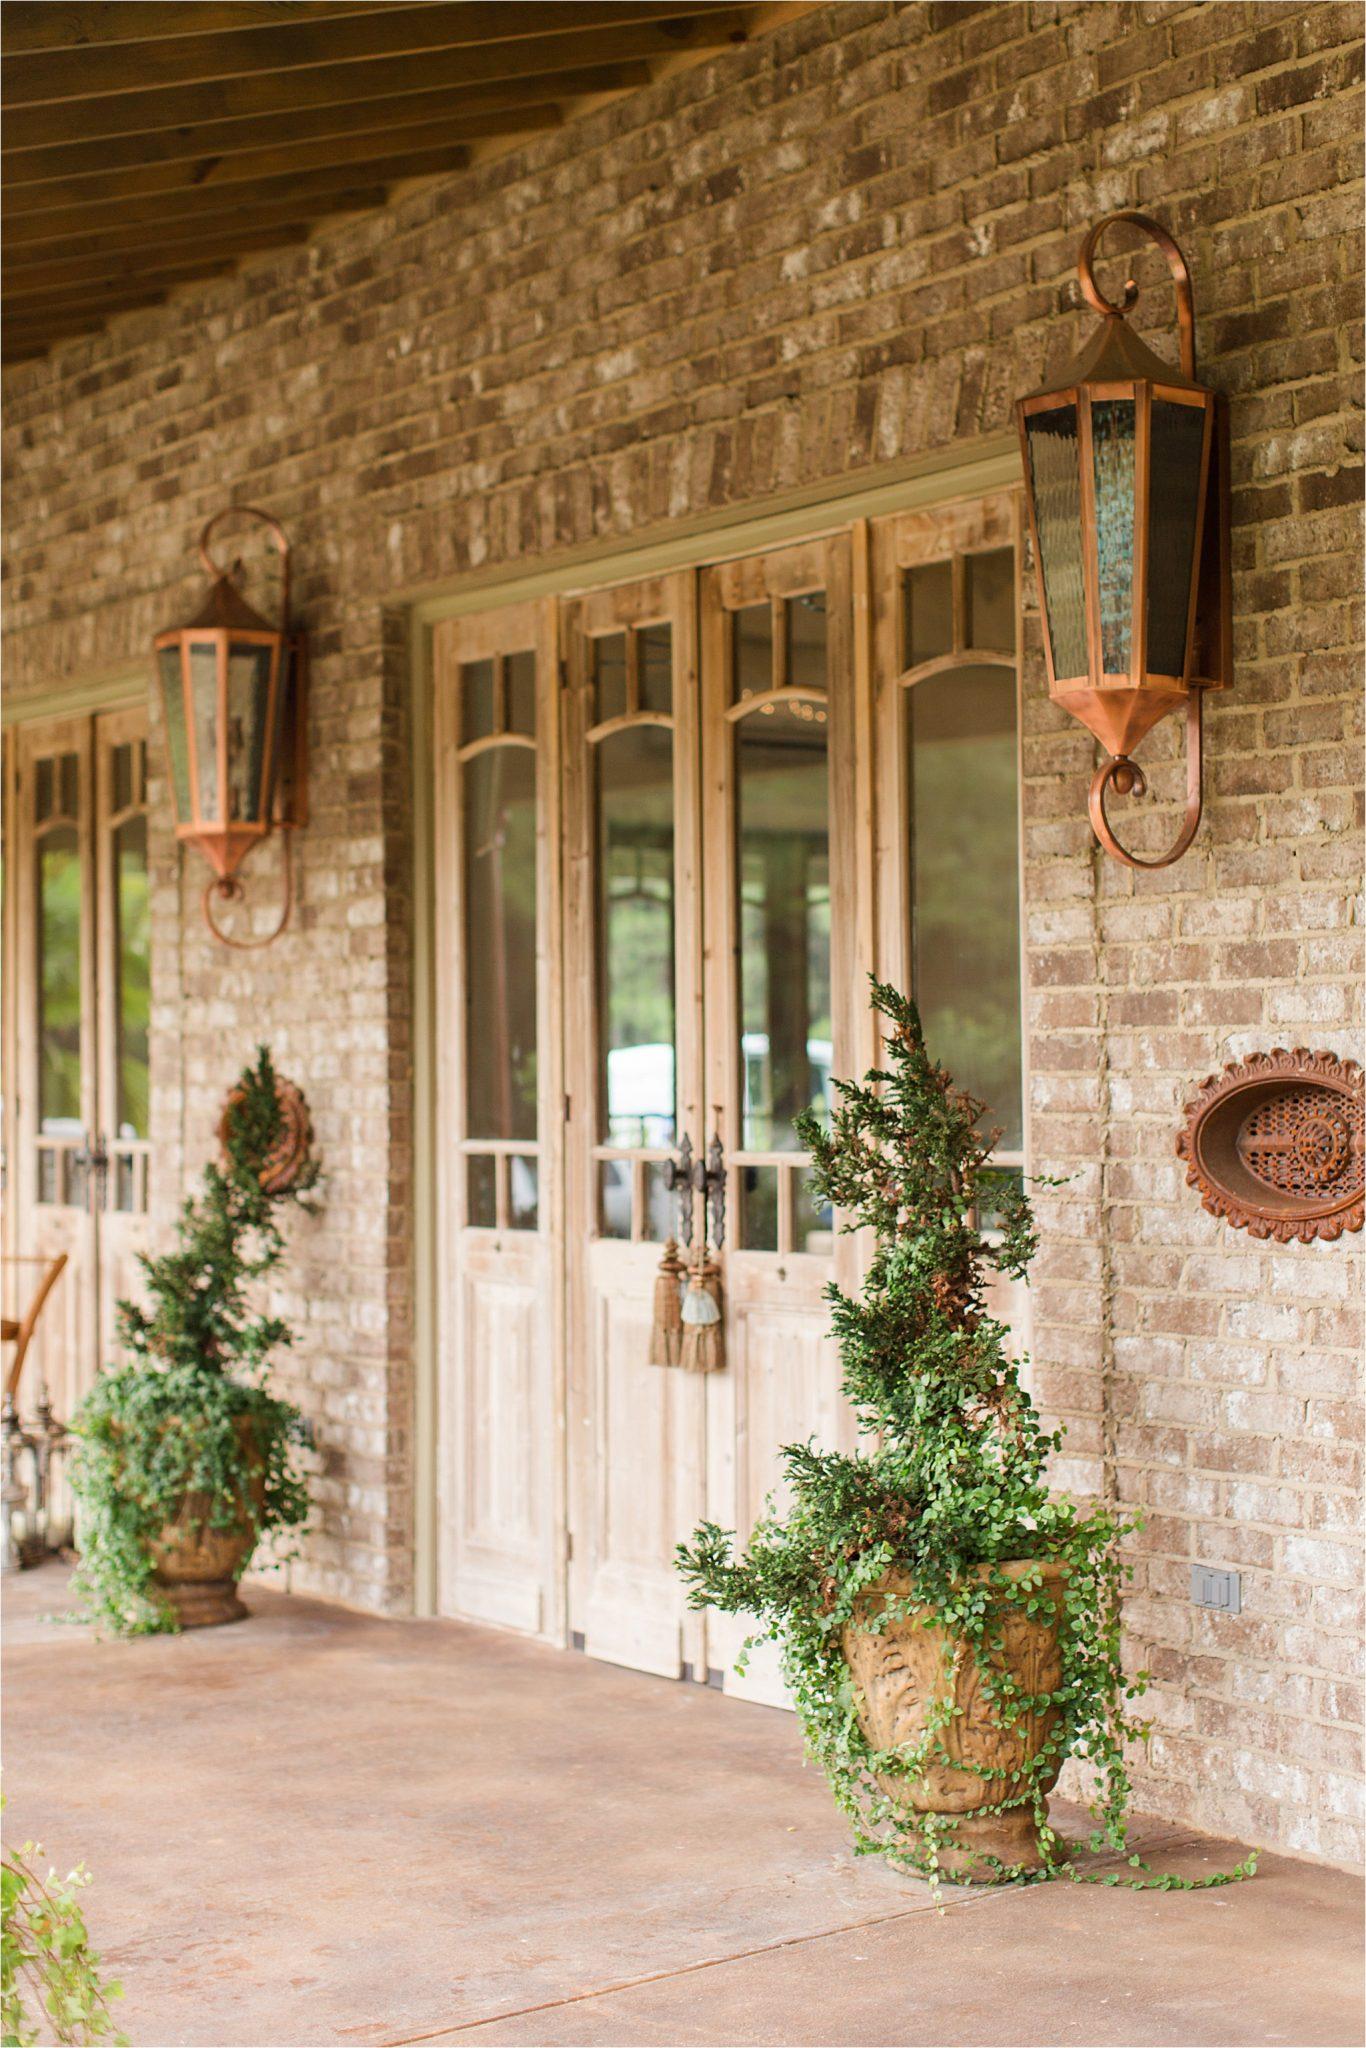 Alabama-wedding-locations-bella-sera-gardens-reception-venues